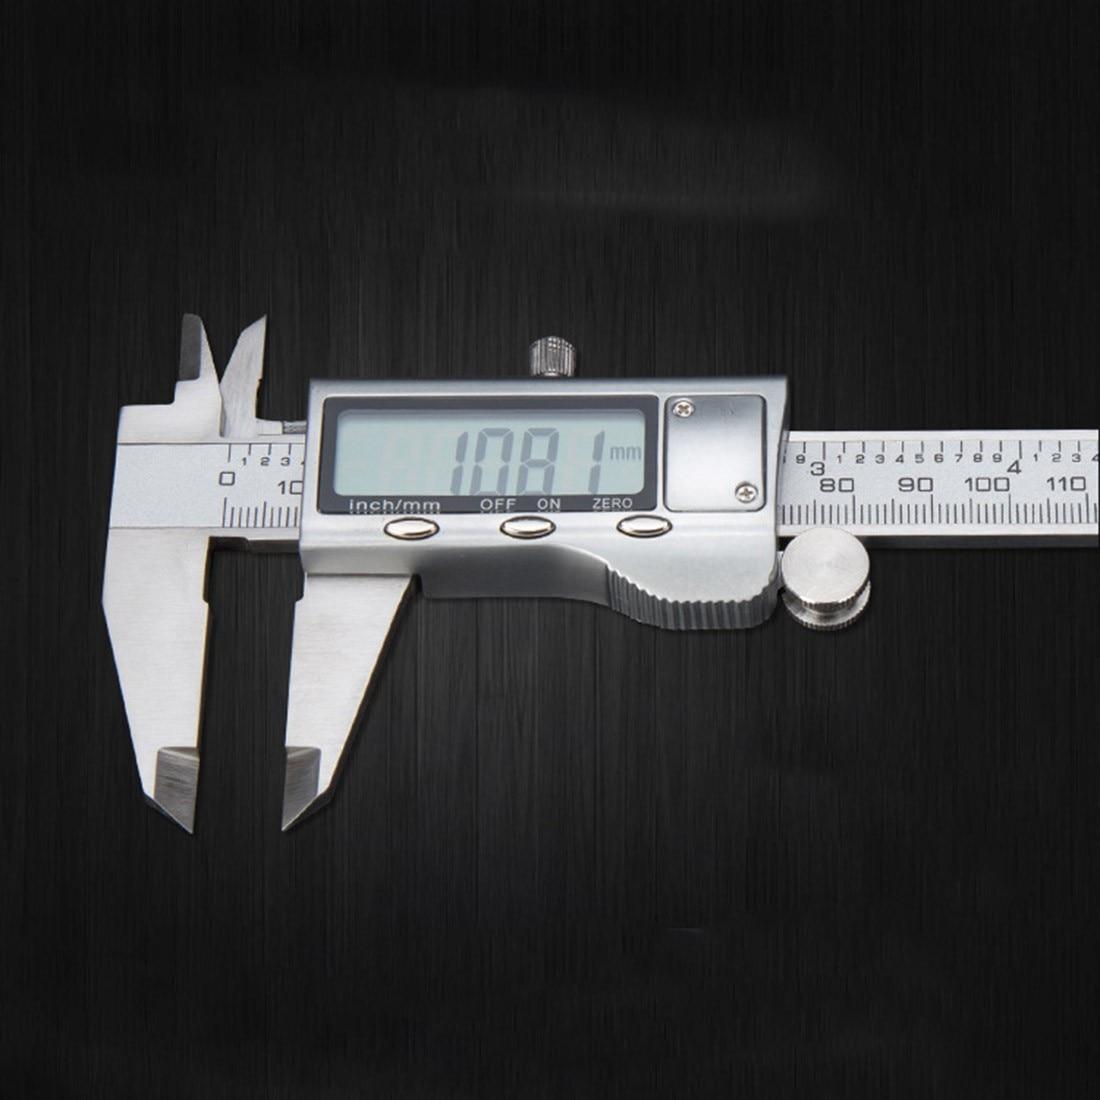 Kiváló minőségű, 1 db-os fém, 6 hüvelykes, 150 mm-es - Mérőműszerek - Fénykép 6